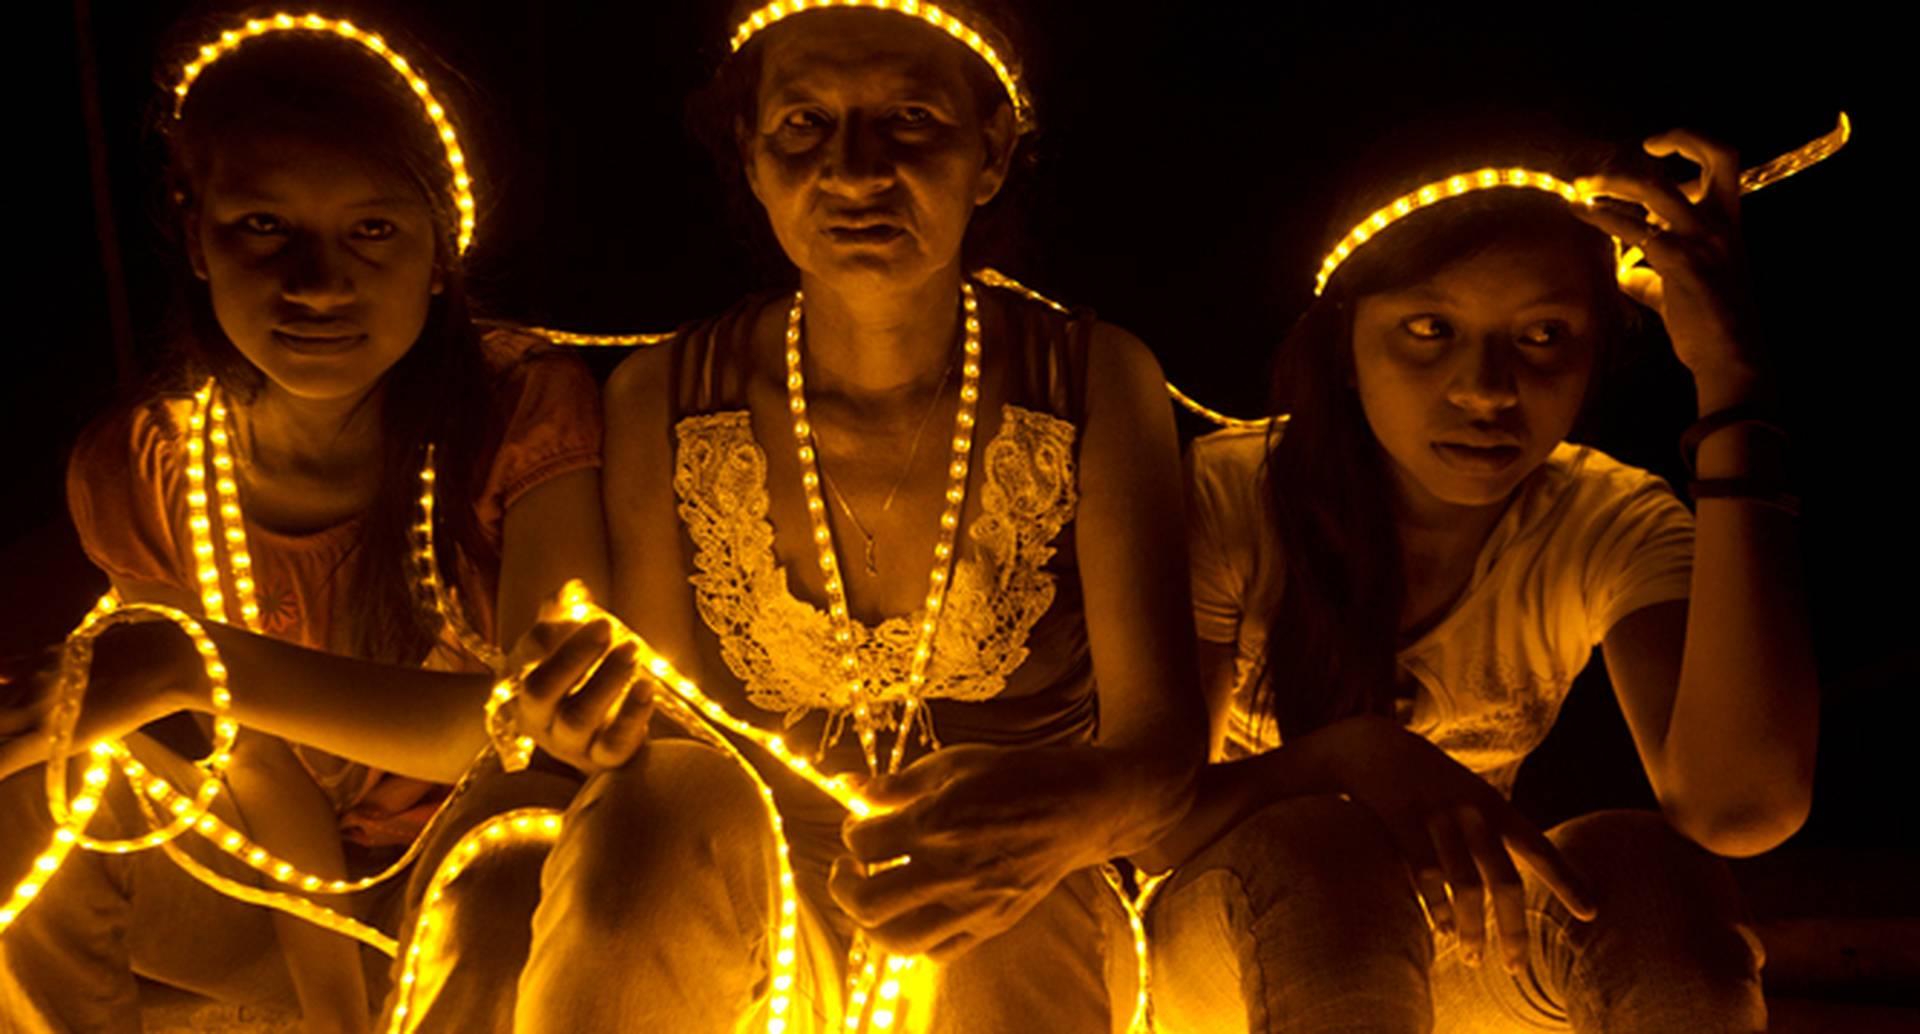 """""""Pachamamas de Luz, Diosas de la Selva"""" fue una de las fotos ganadoras de Memorias del Futuro 2014 de IDARTES, y hace parte de las imágenes que aparecen en la programación de la Cumbre de Arte y Cultura para la Paz / Por: Santiago Escobar-Jaramillo"""